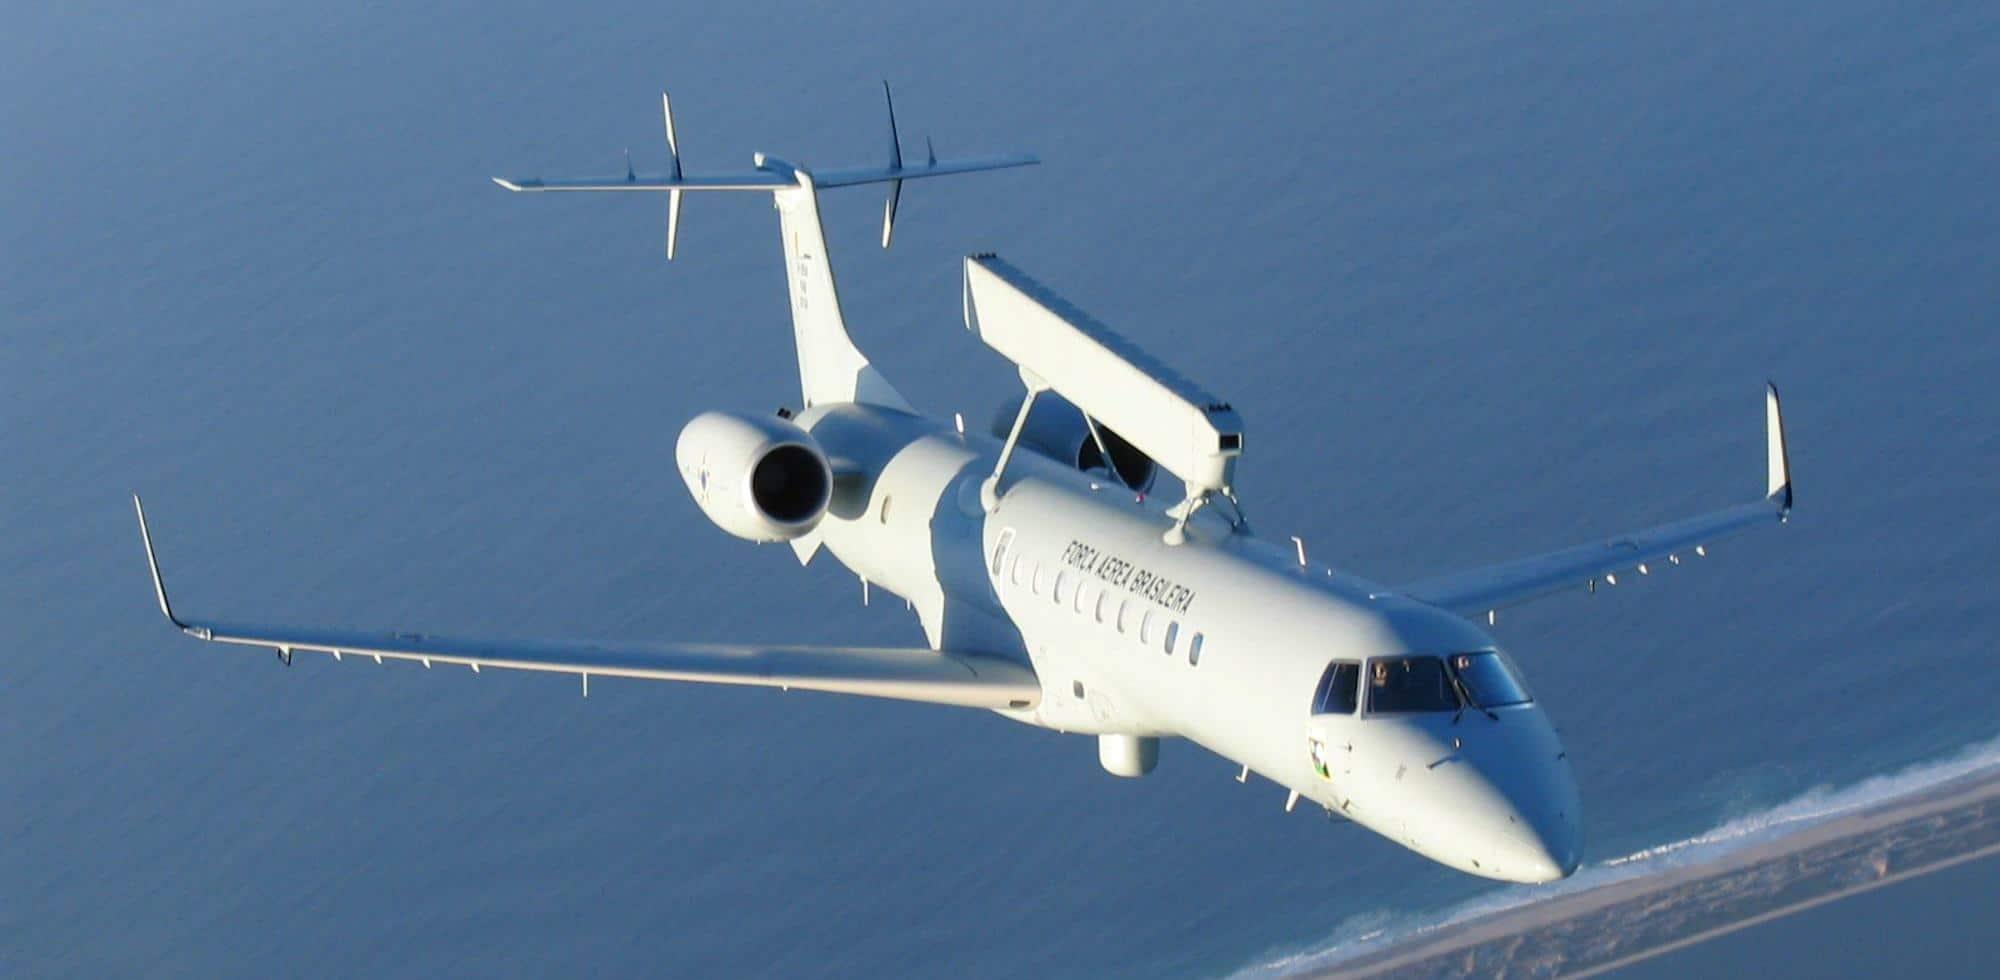 Літак дальнього радіолокаційного виявлення «Embraer» R-99 Повітряних сил Бразилії. Фото з відкритих джерел